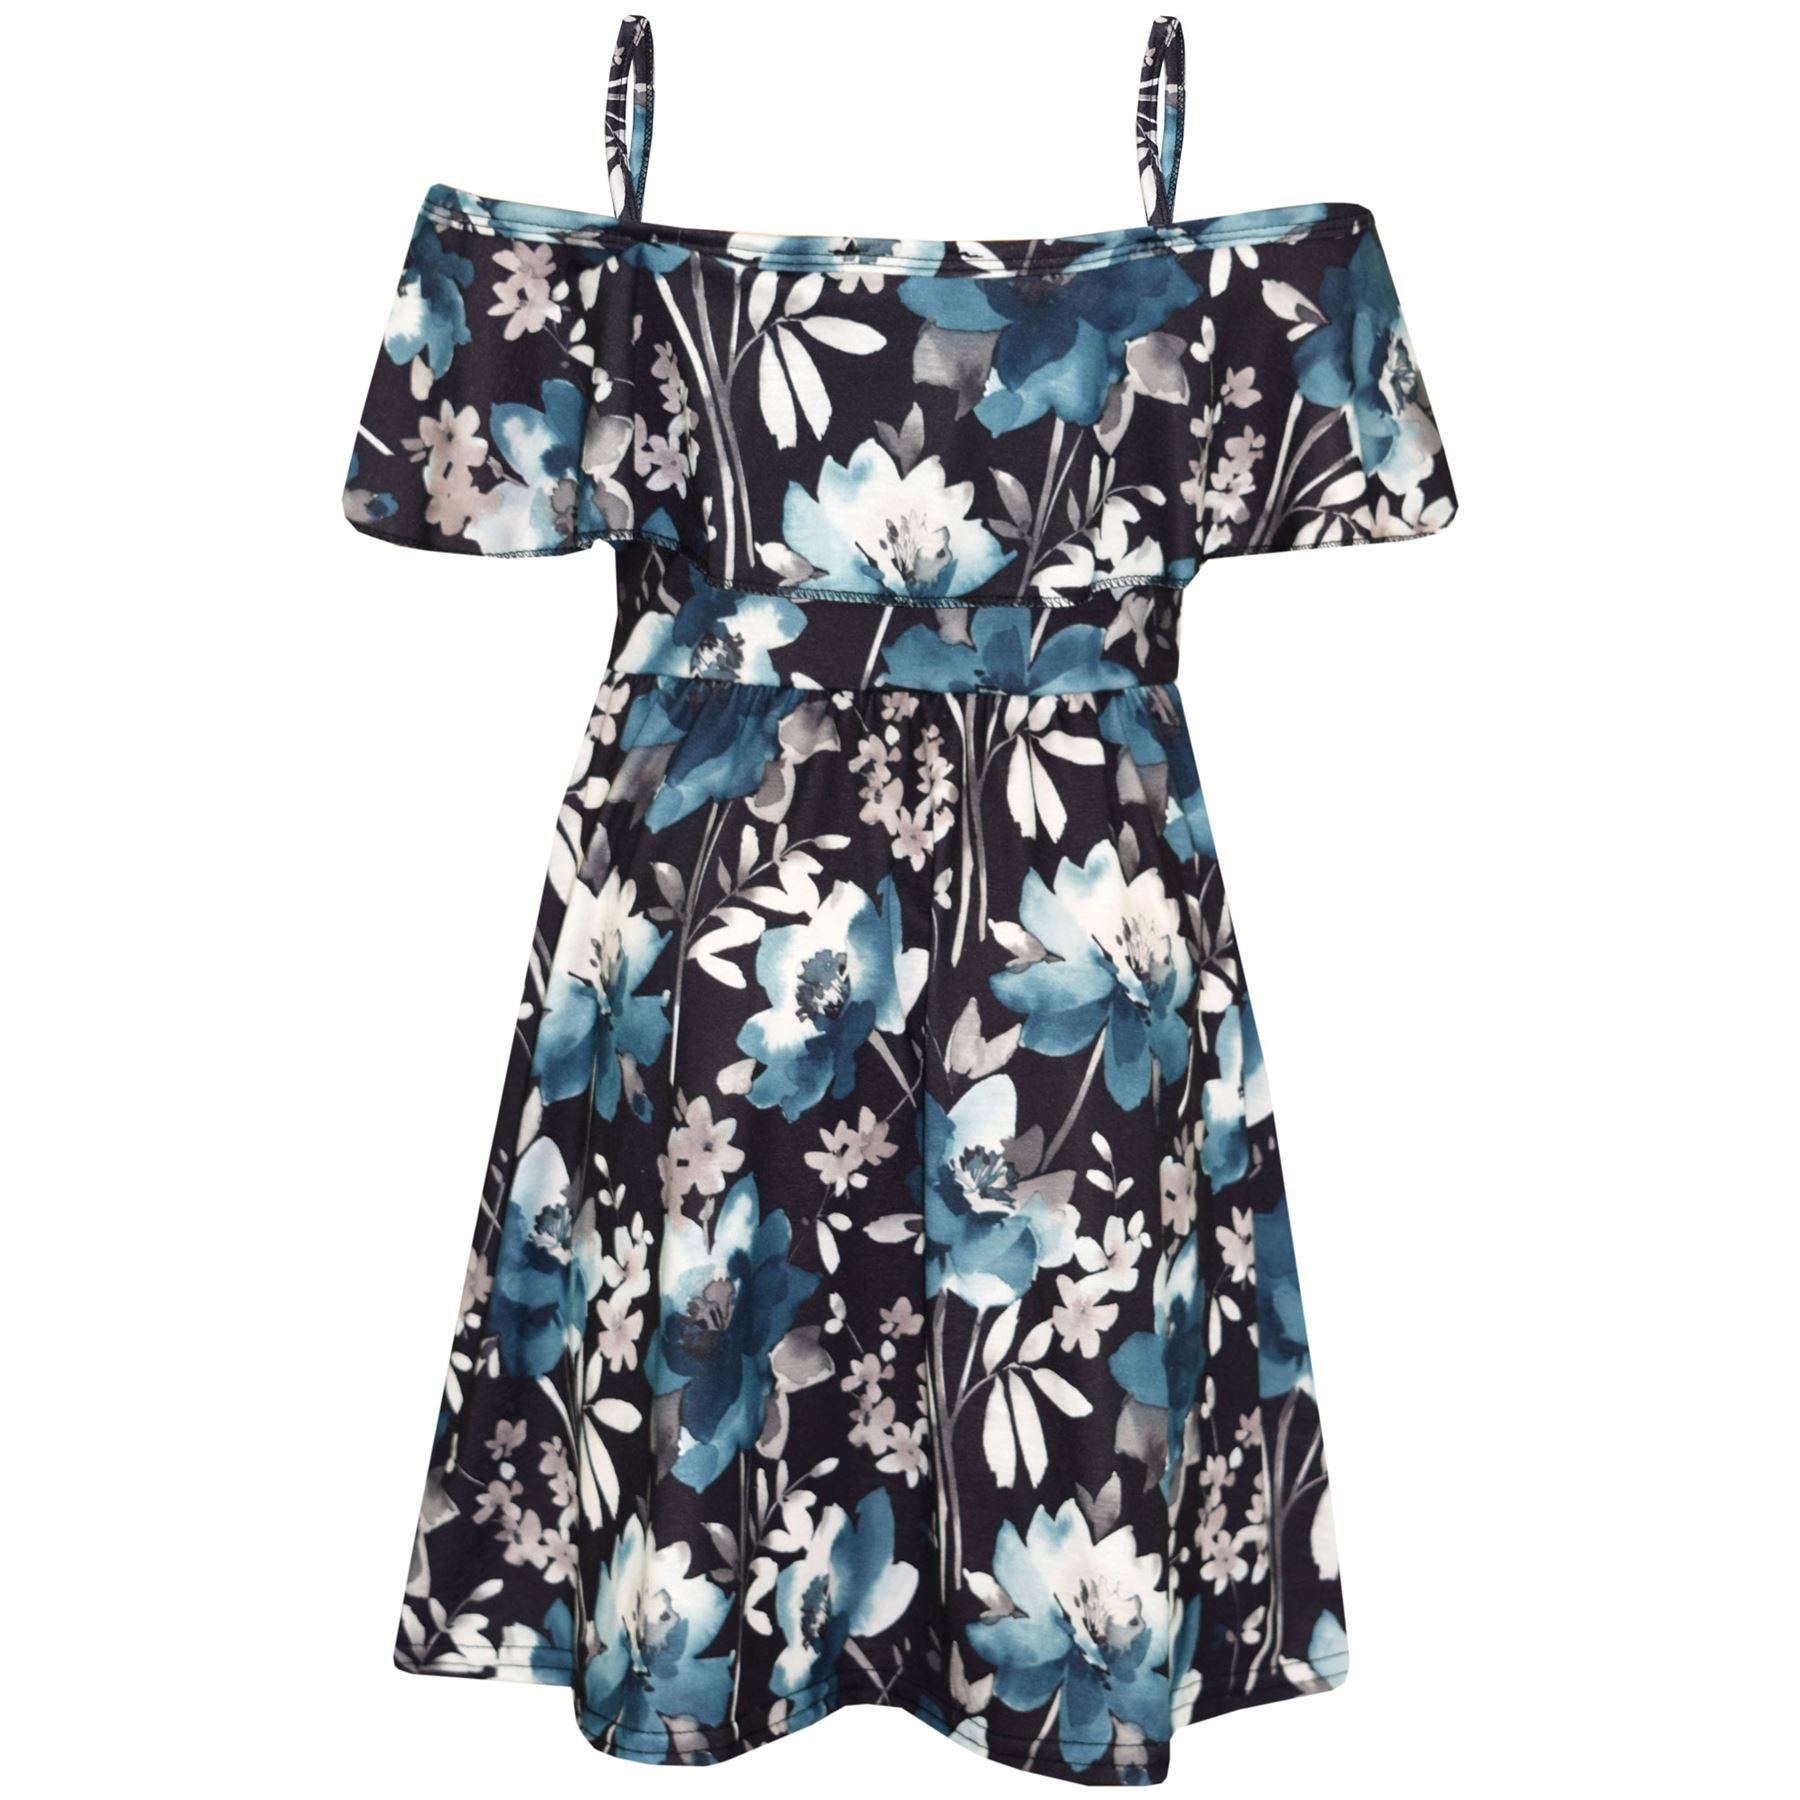 Kids-Girls-Skater-Dress-Floral-Print-Summer-Party-Fashion-Off-Shoulder-Dresses thumbnail 4